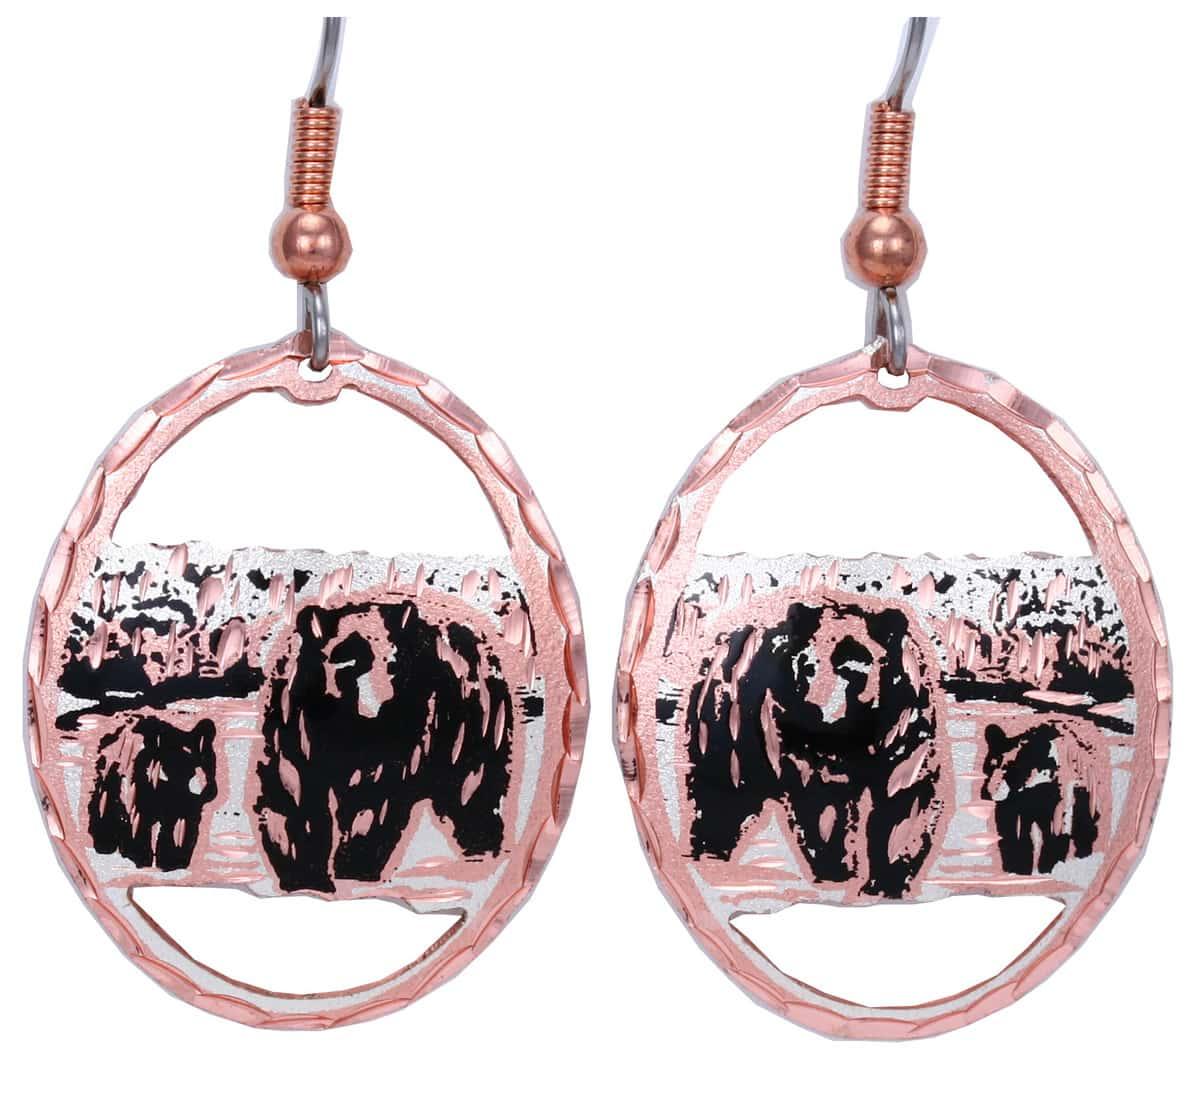 Buy Handmade Bear and Cub Earrings Wholesale